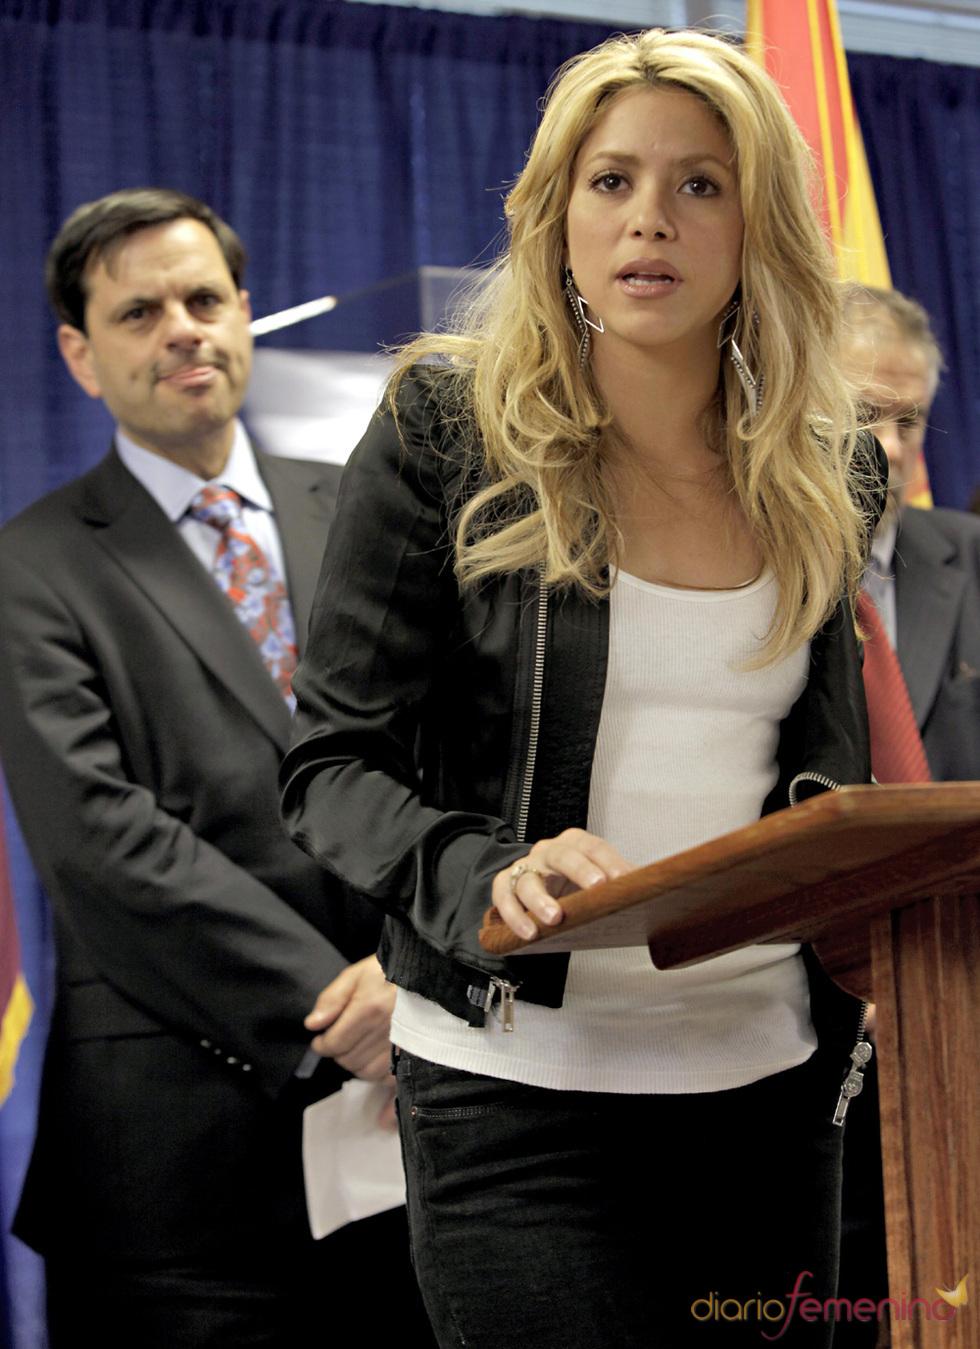 Shakira en Arizona contra la ley contra la inmigración